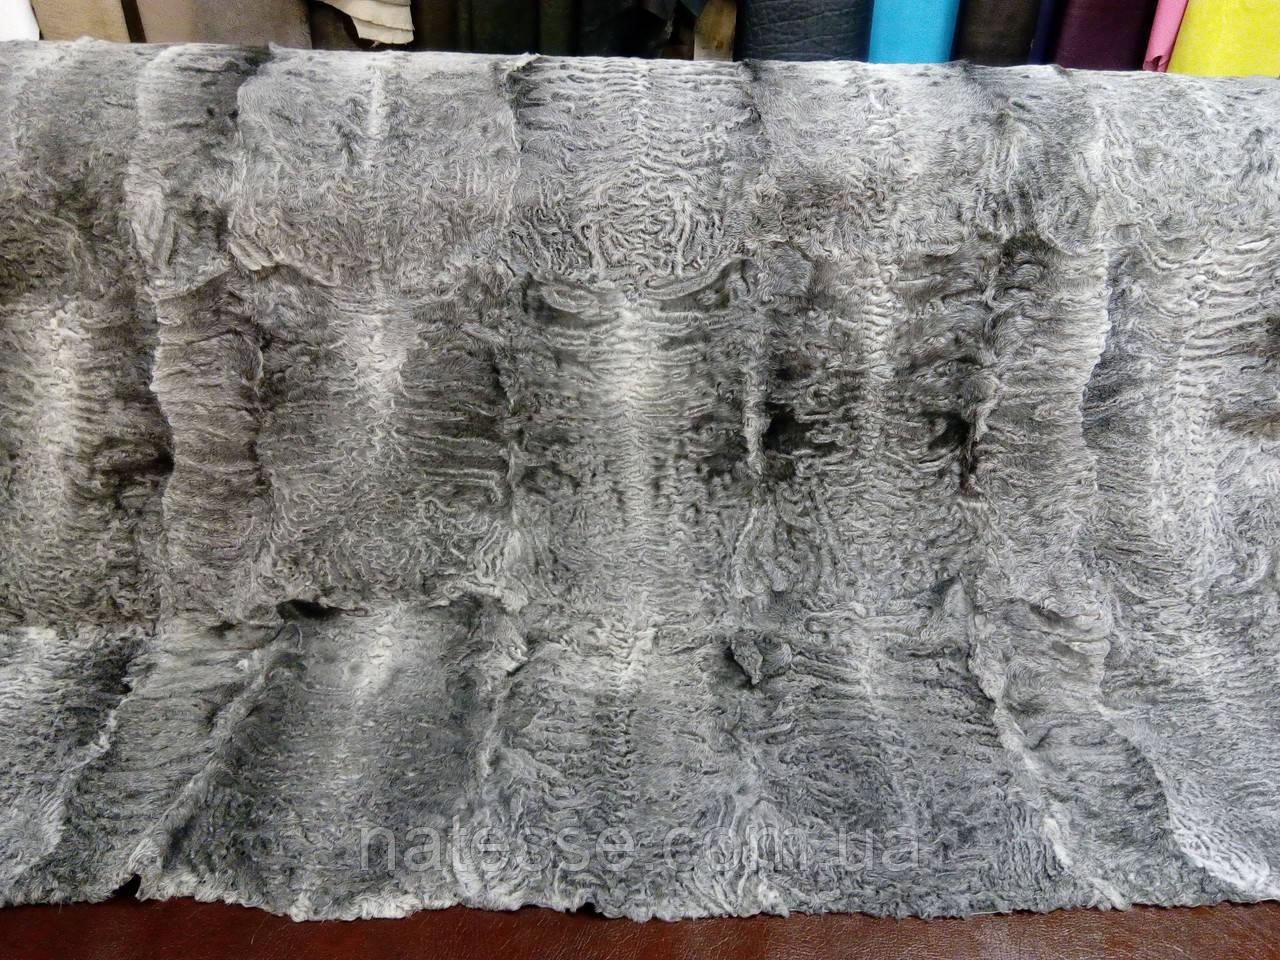 Пластина каракульчи афганской серого цвета, размер 160*120 см